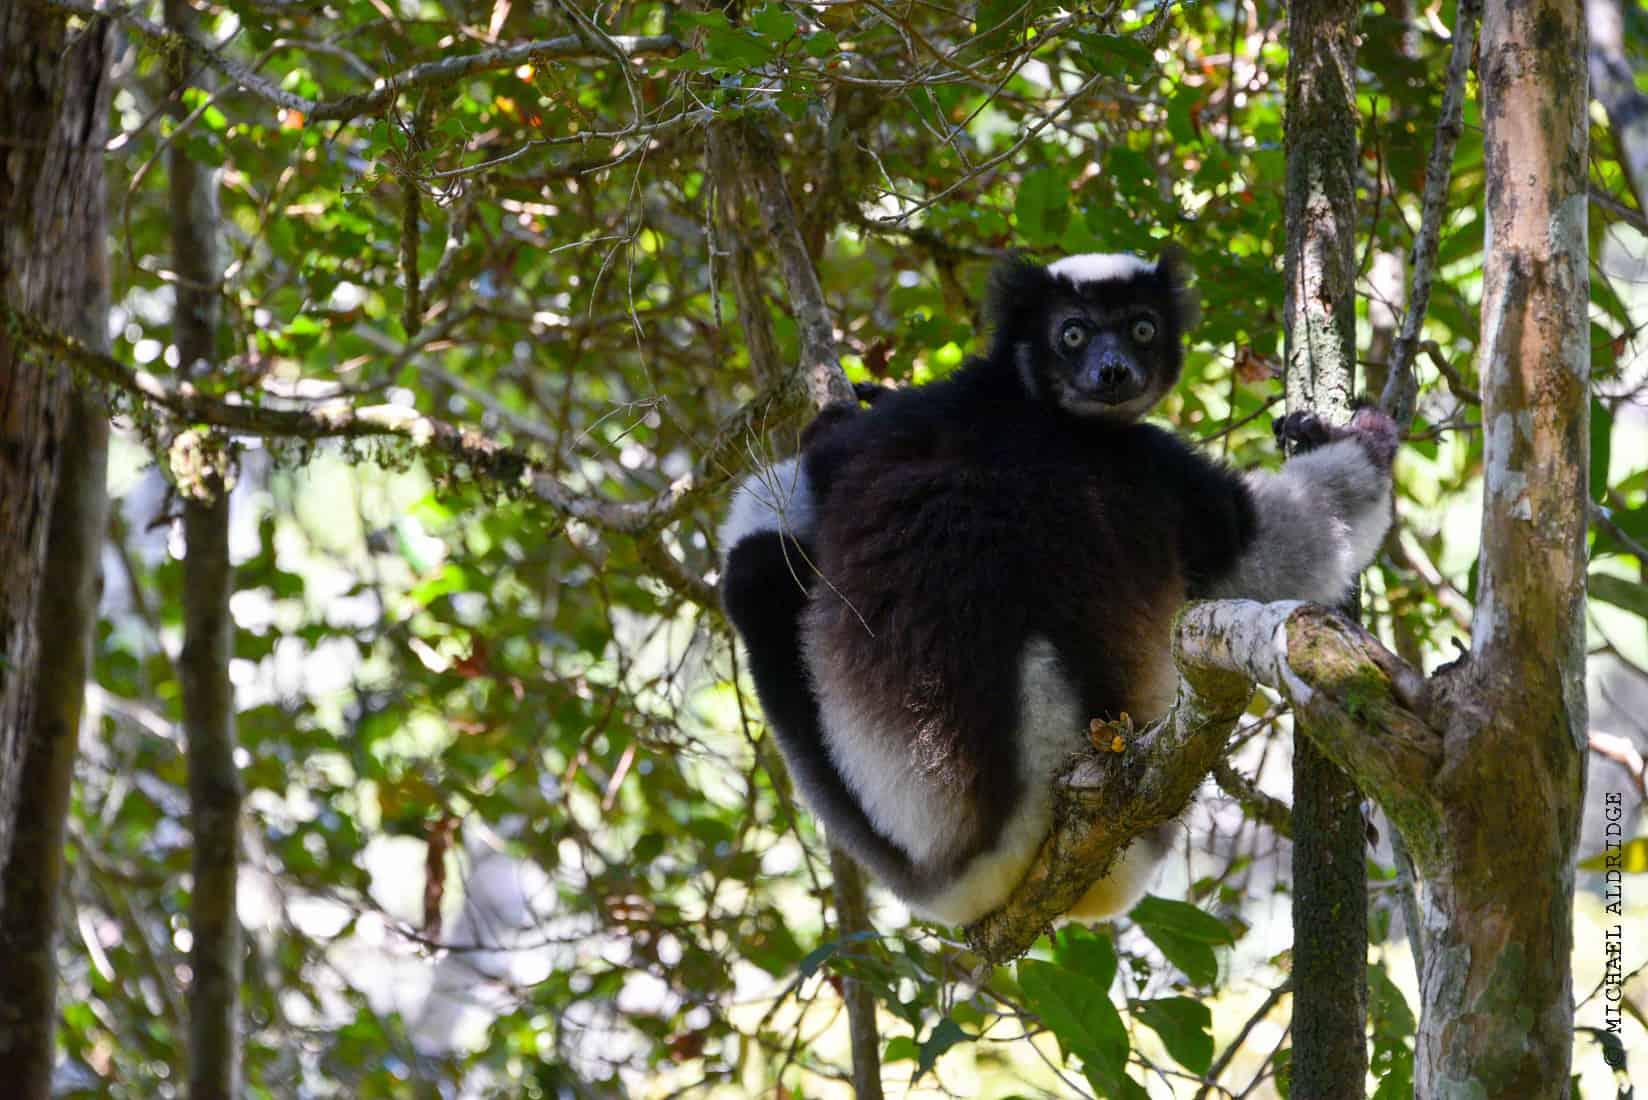 Wild Black and White Ruffed Lemur